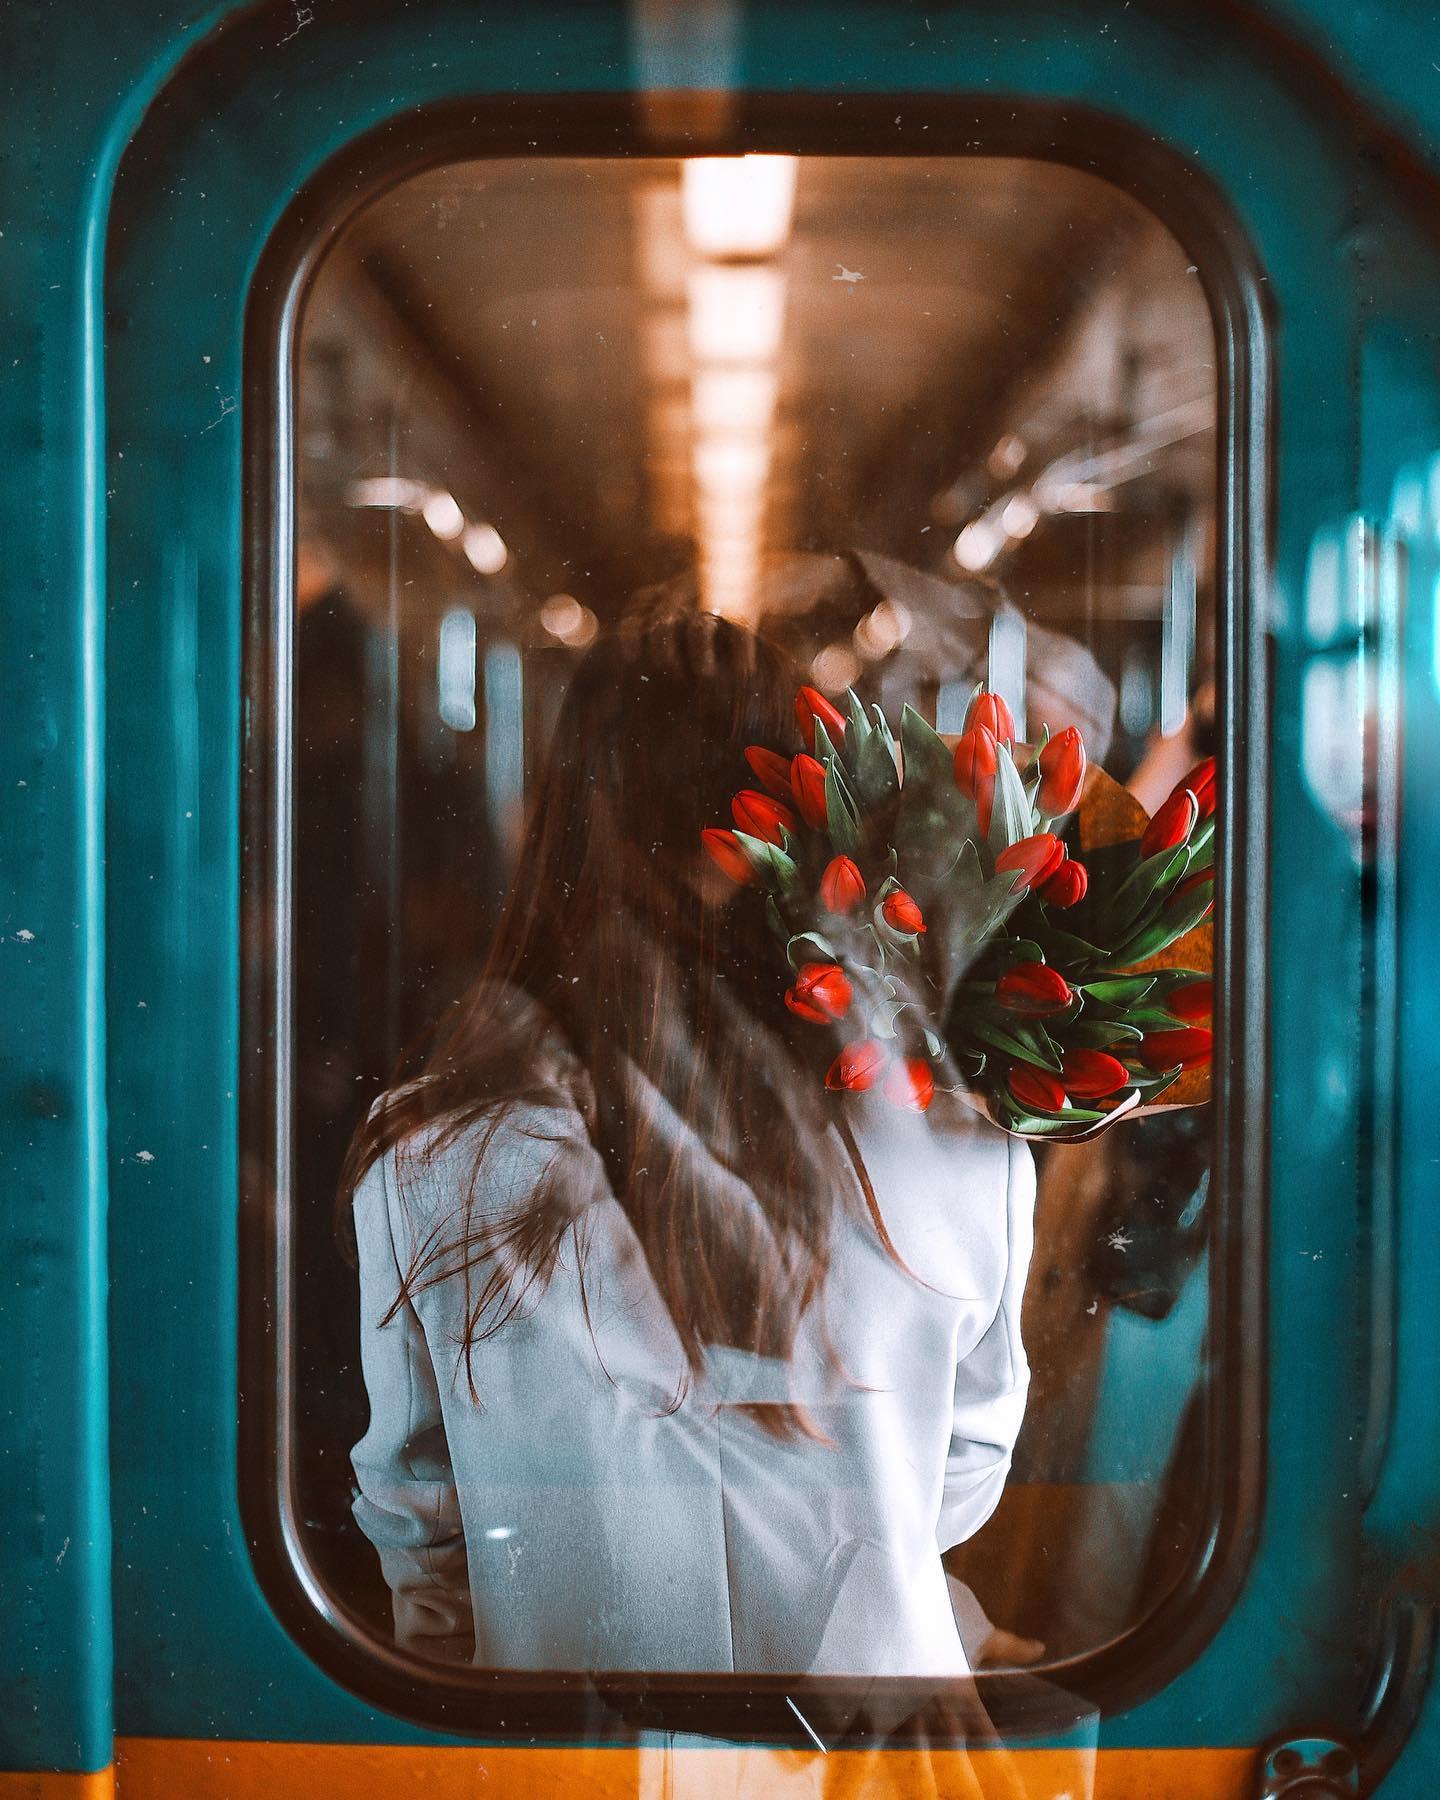 Романтика в метро от @july.rom